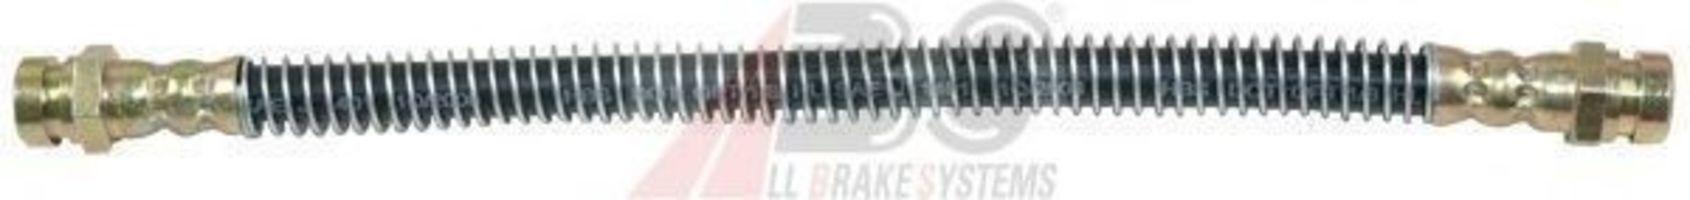 Шланг тормозной A.B.S. SL5819